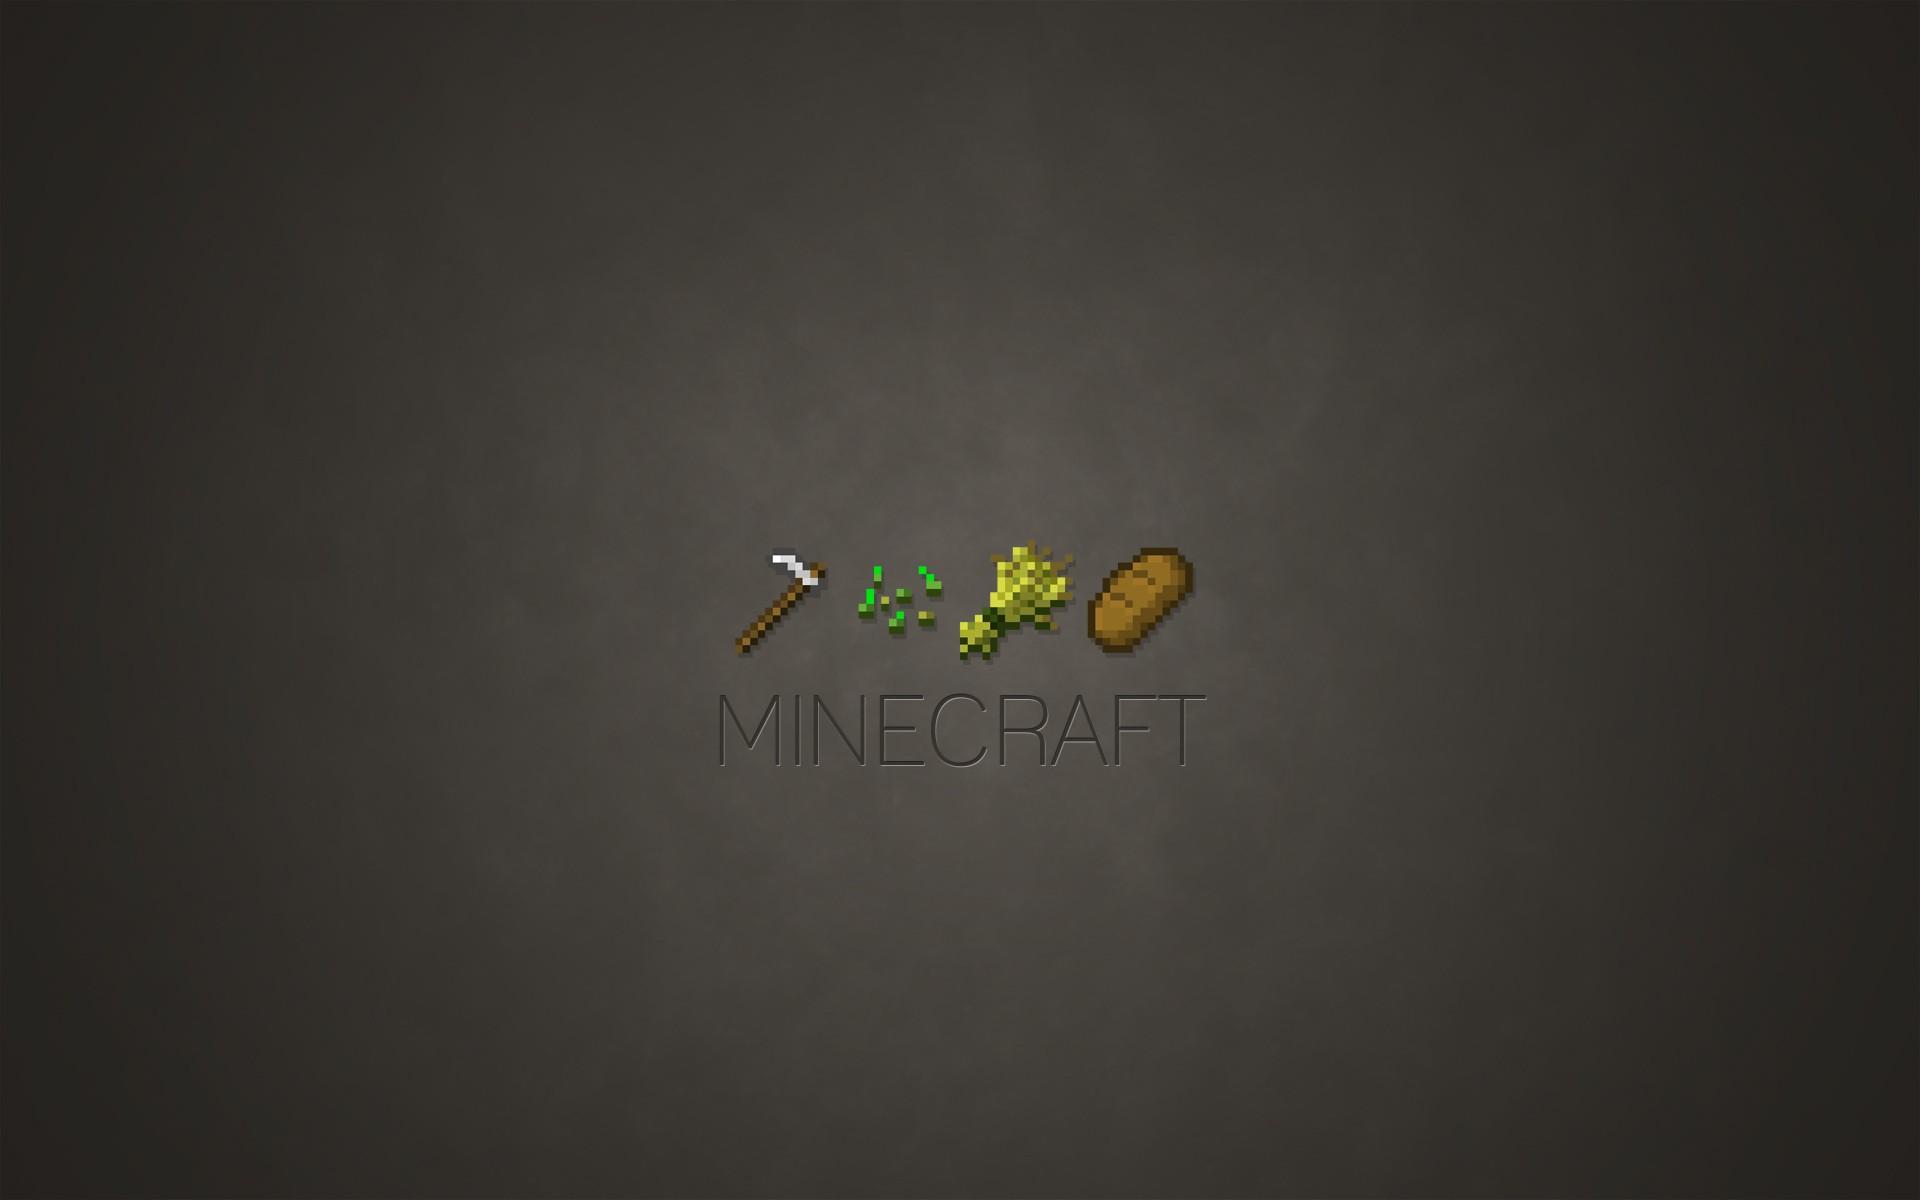 Masaüstü : Metin, logo, Minecraft, daire, marka, Ekran görüntüsü